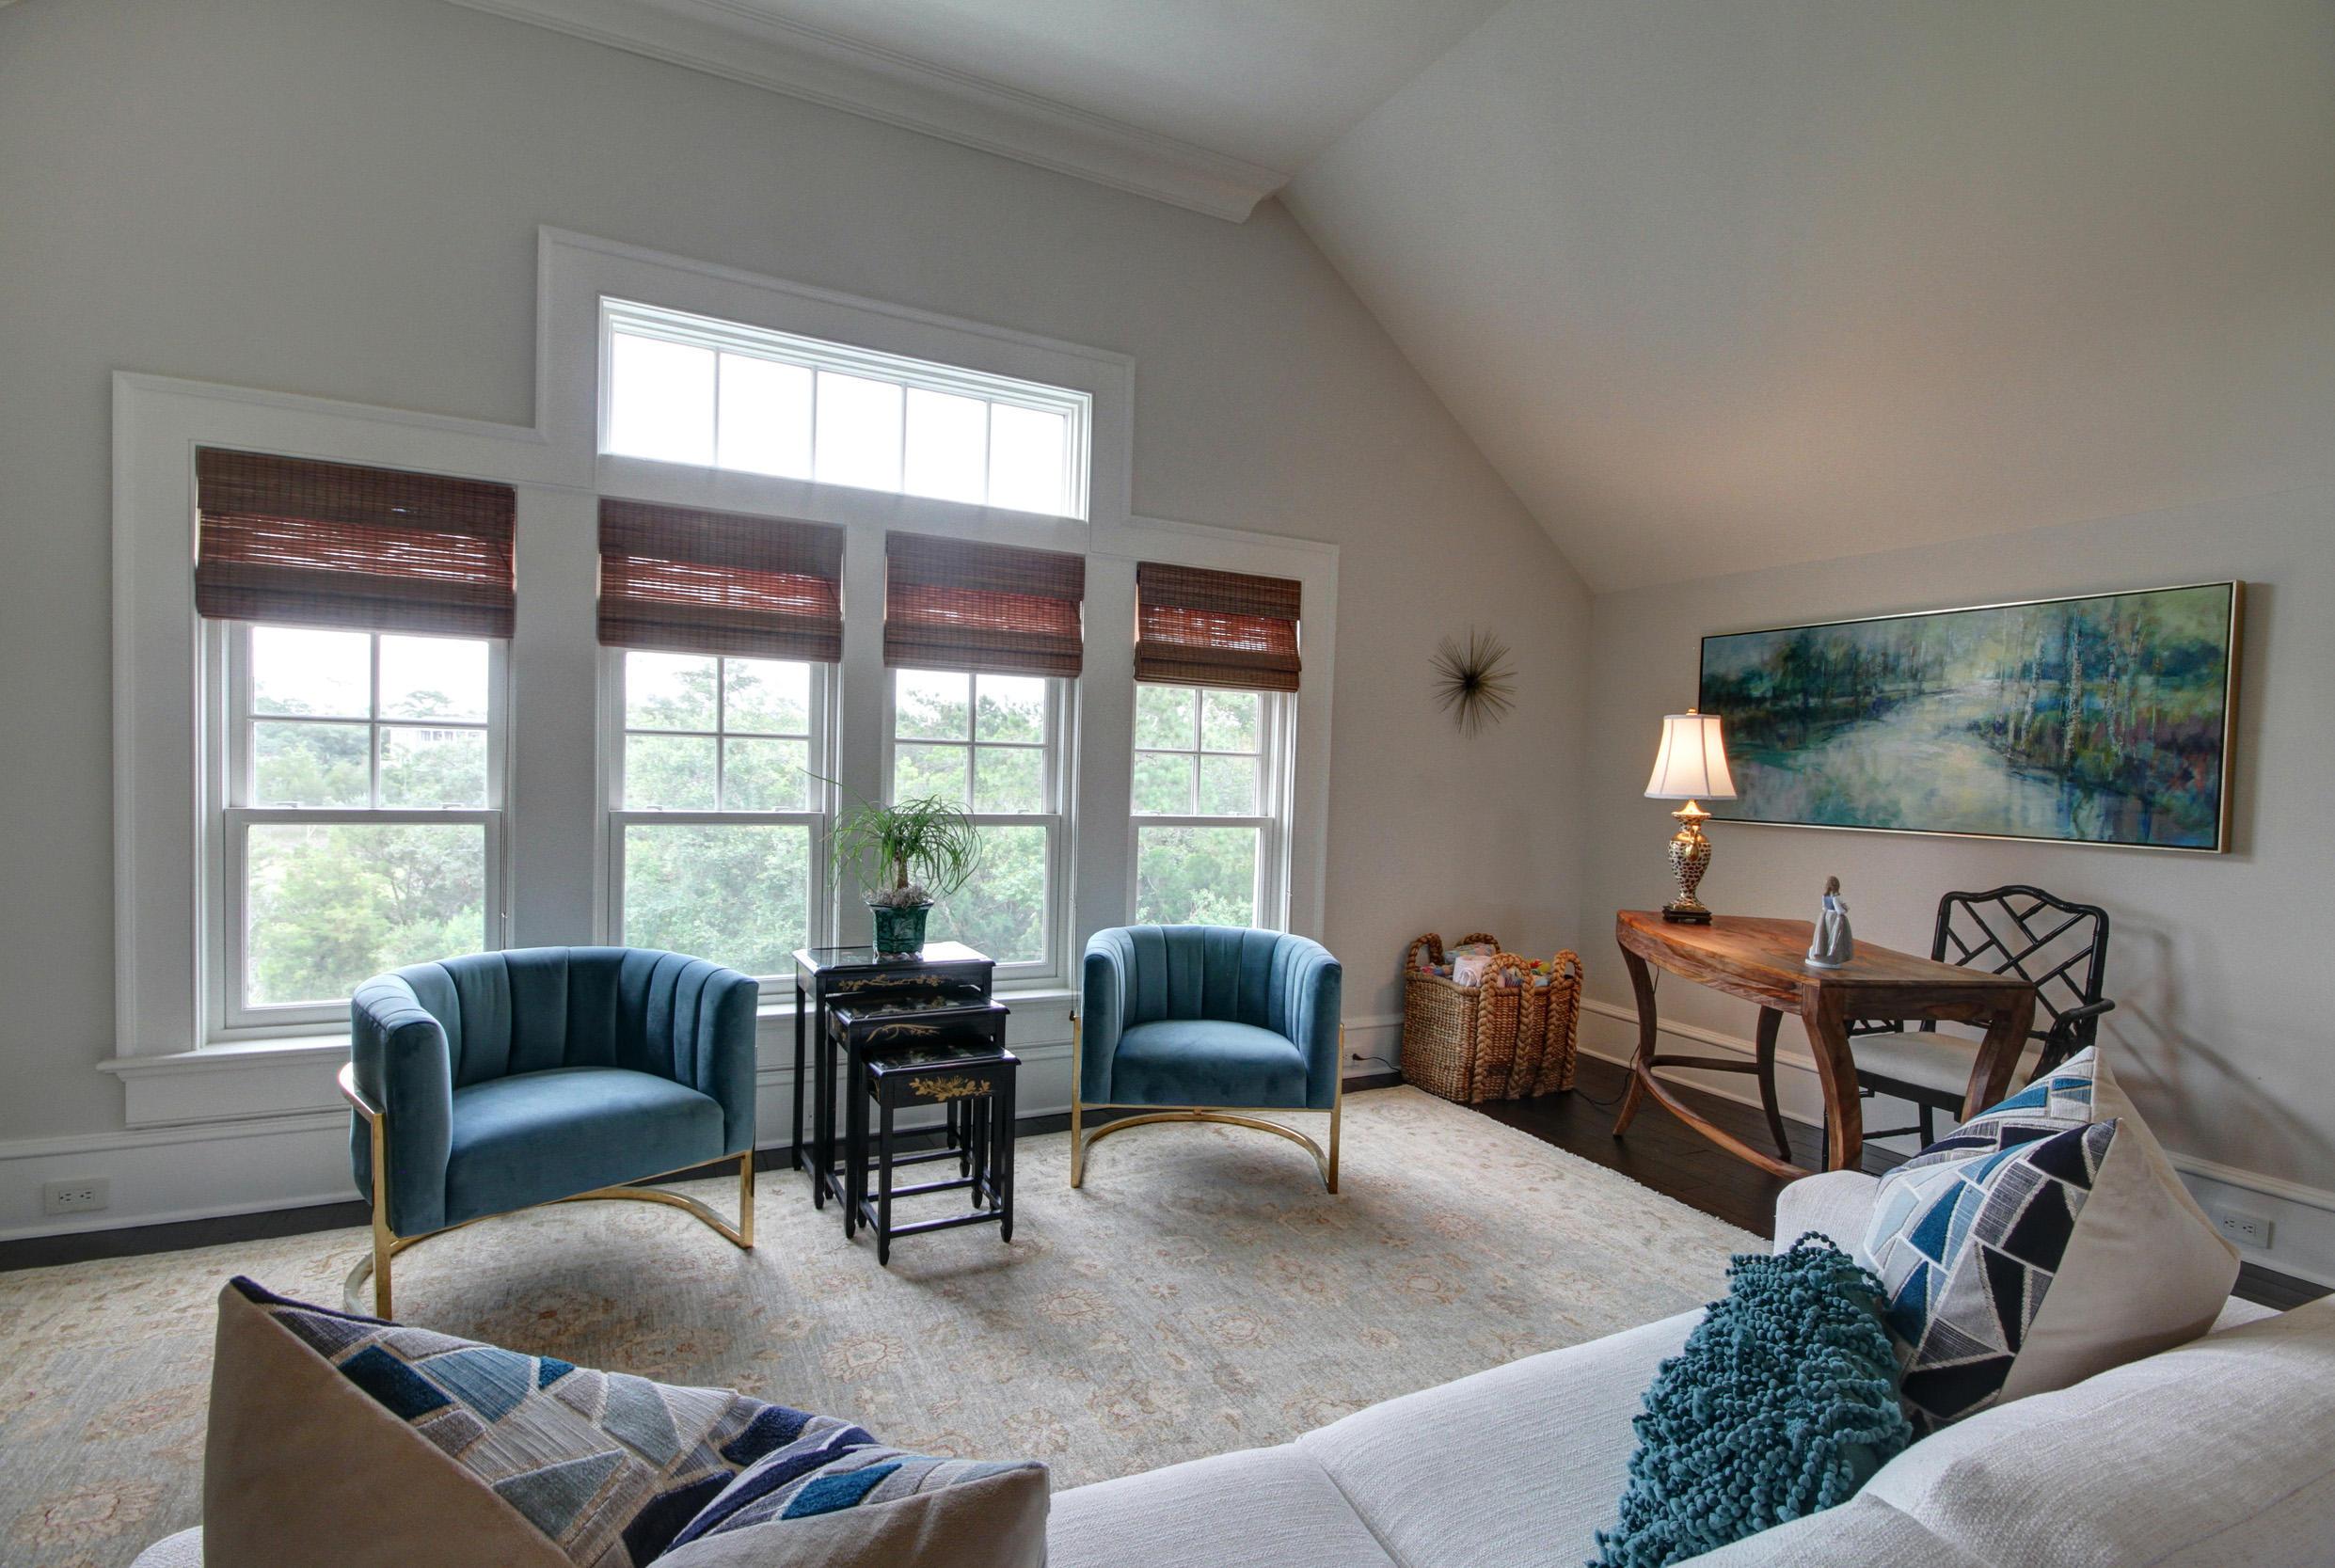 Belle Hall Homes For Sale - 821 Bridgetown Pass, Mount Pleasant, SC - 14